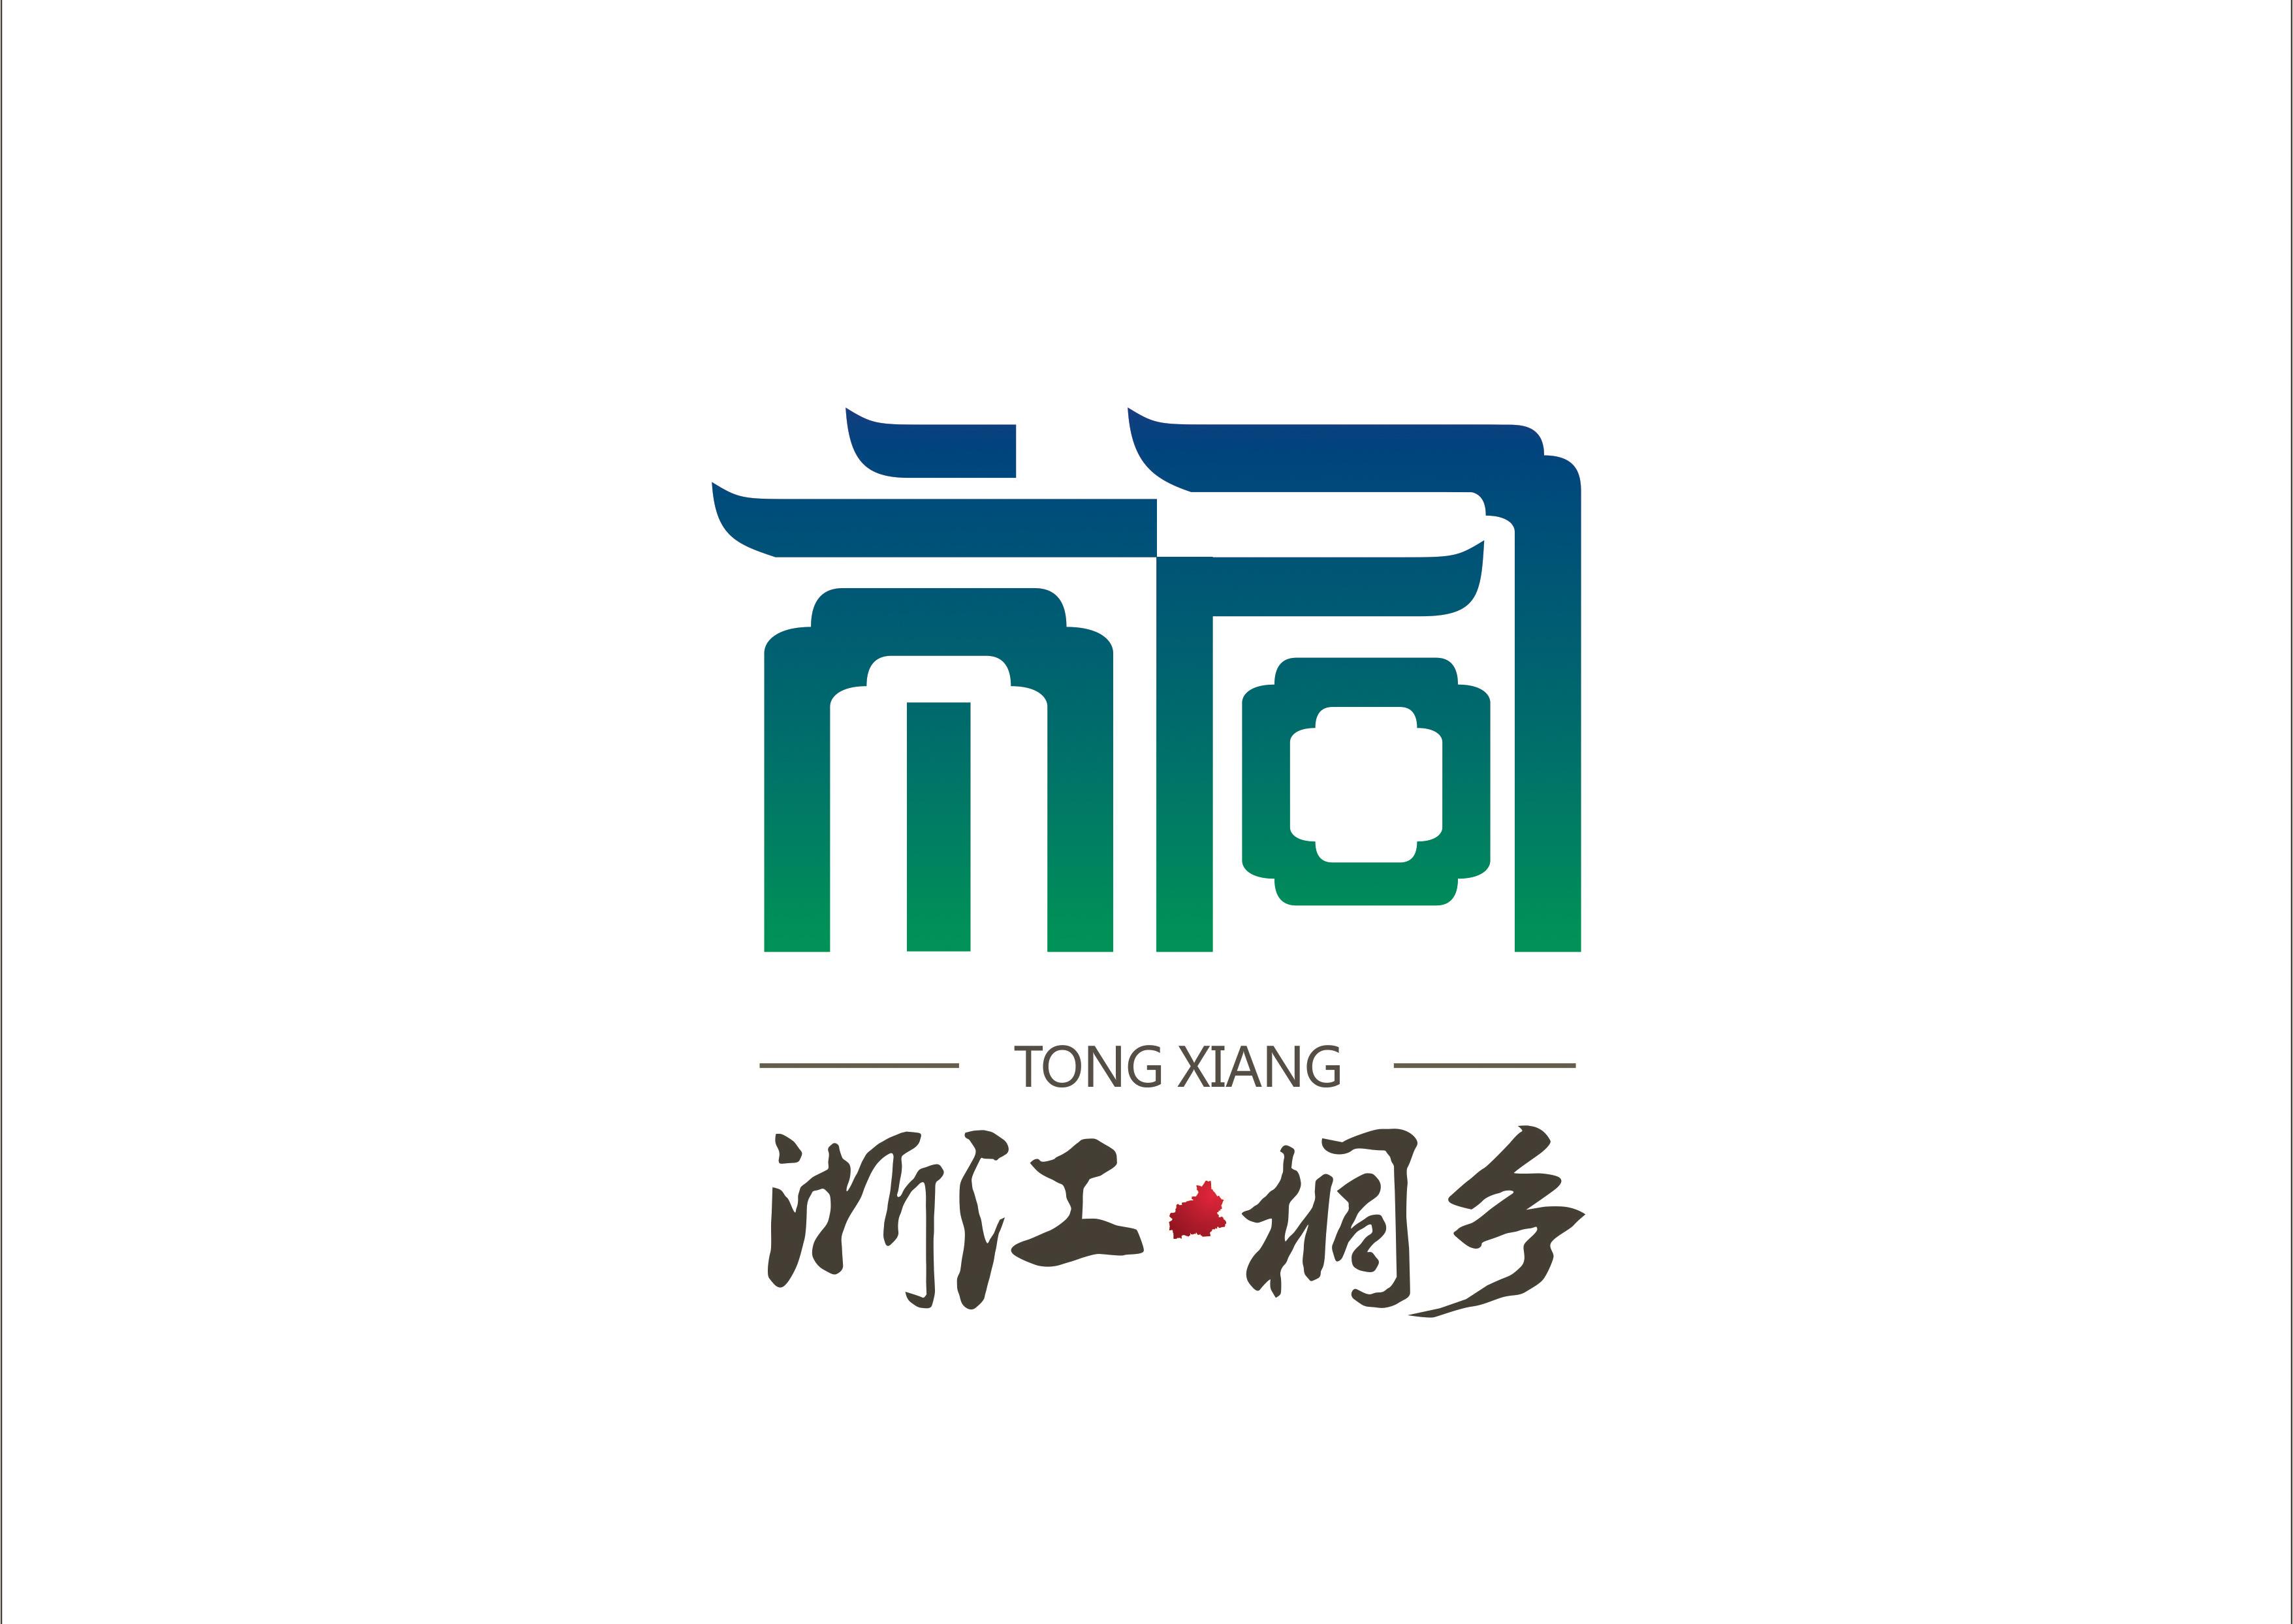 桐乡市城市形象logo设计获奖作品图片